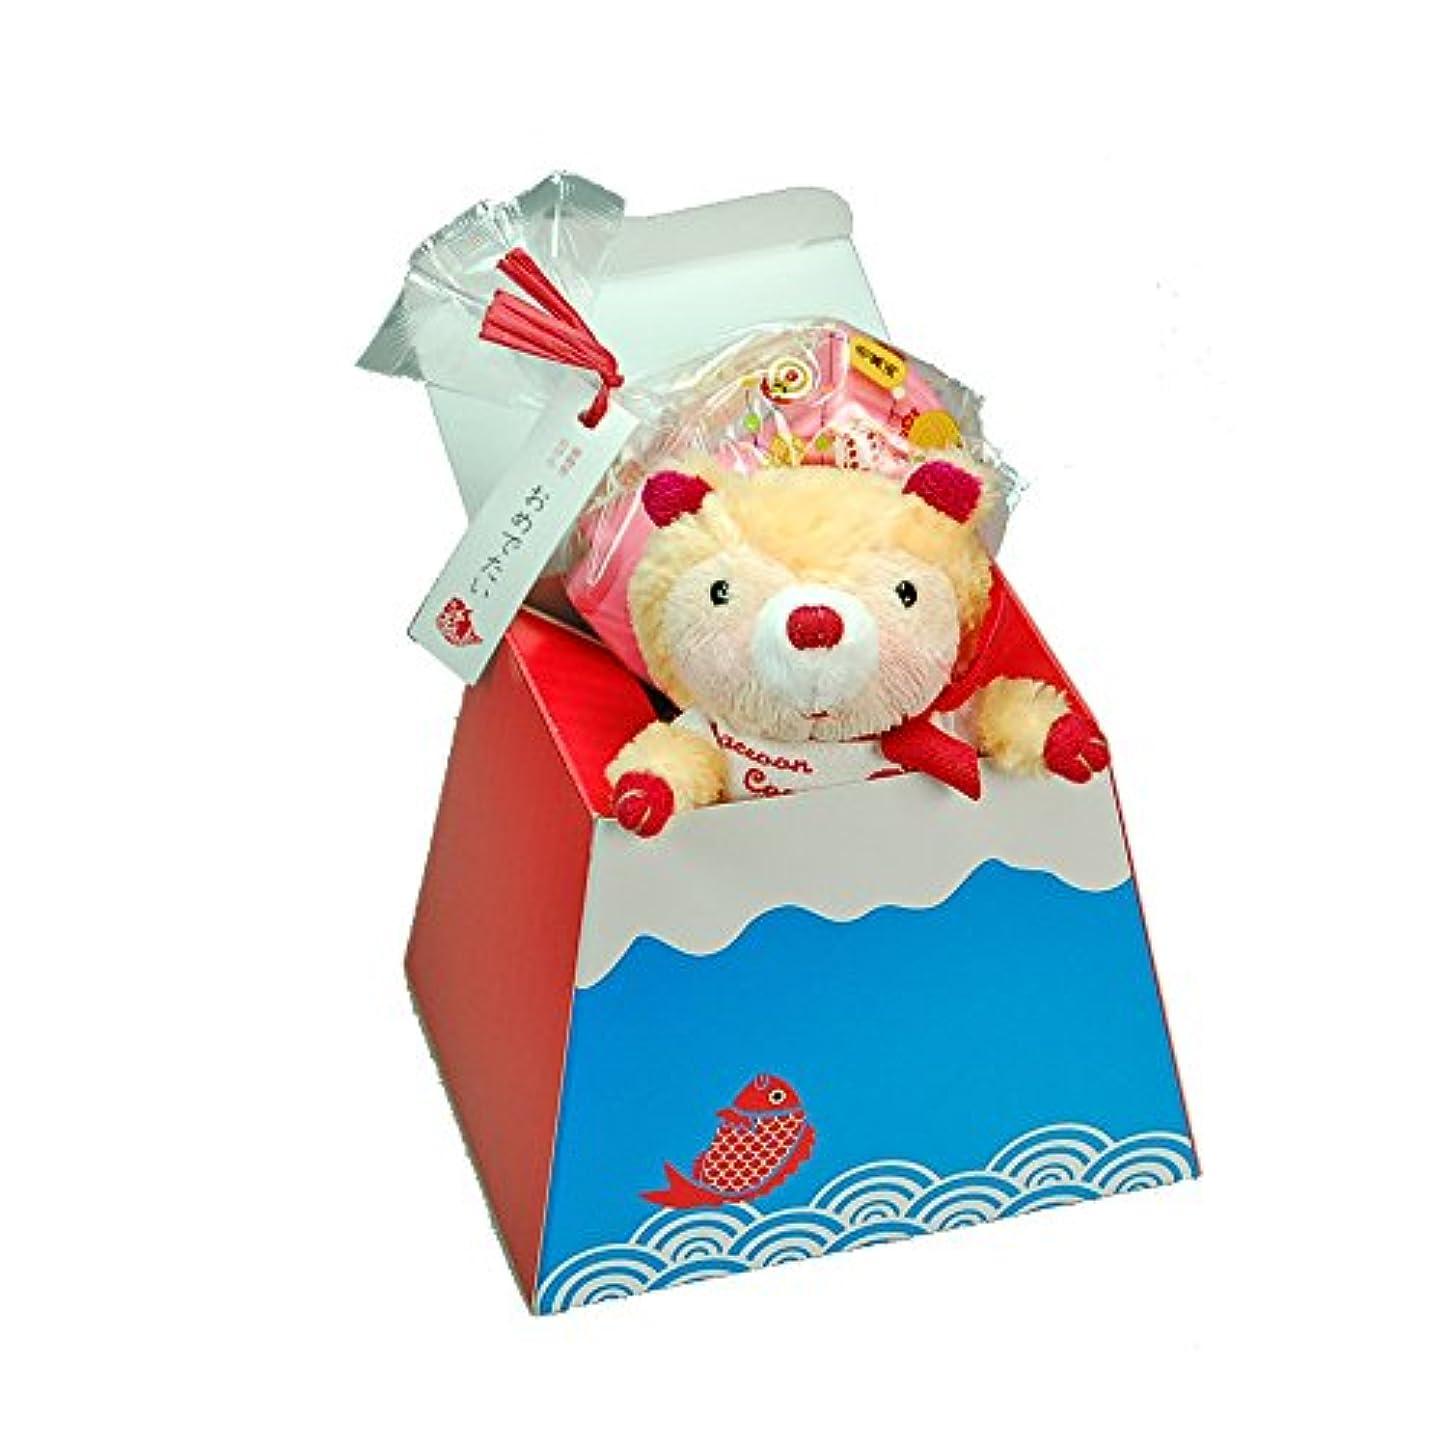 洞察力気がついて震えるプチギフト リトルマスコット 鯛 石けん 富士山ラッピング付き 誕生日プレゼント お祝い 入学 卒業  (リトルセット)